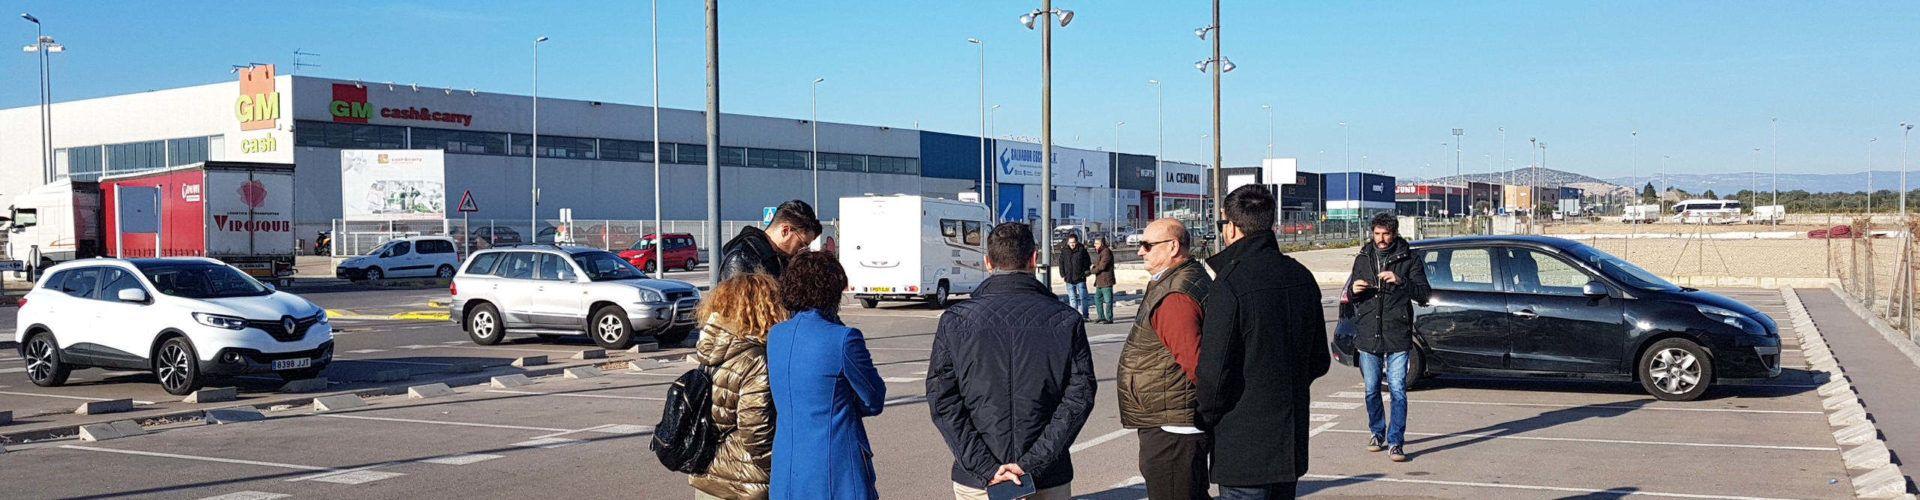 La exclusión de Anna Fibla (TSV) de una rueda de prensa provoca una crisis en el gobierno de Vinaròs